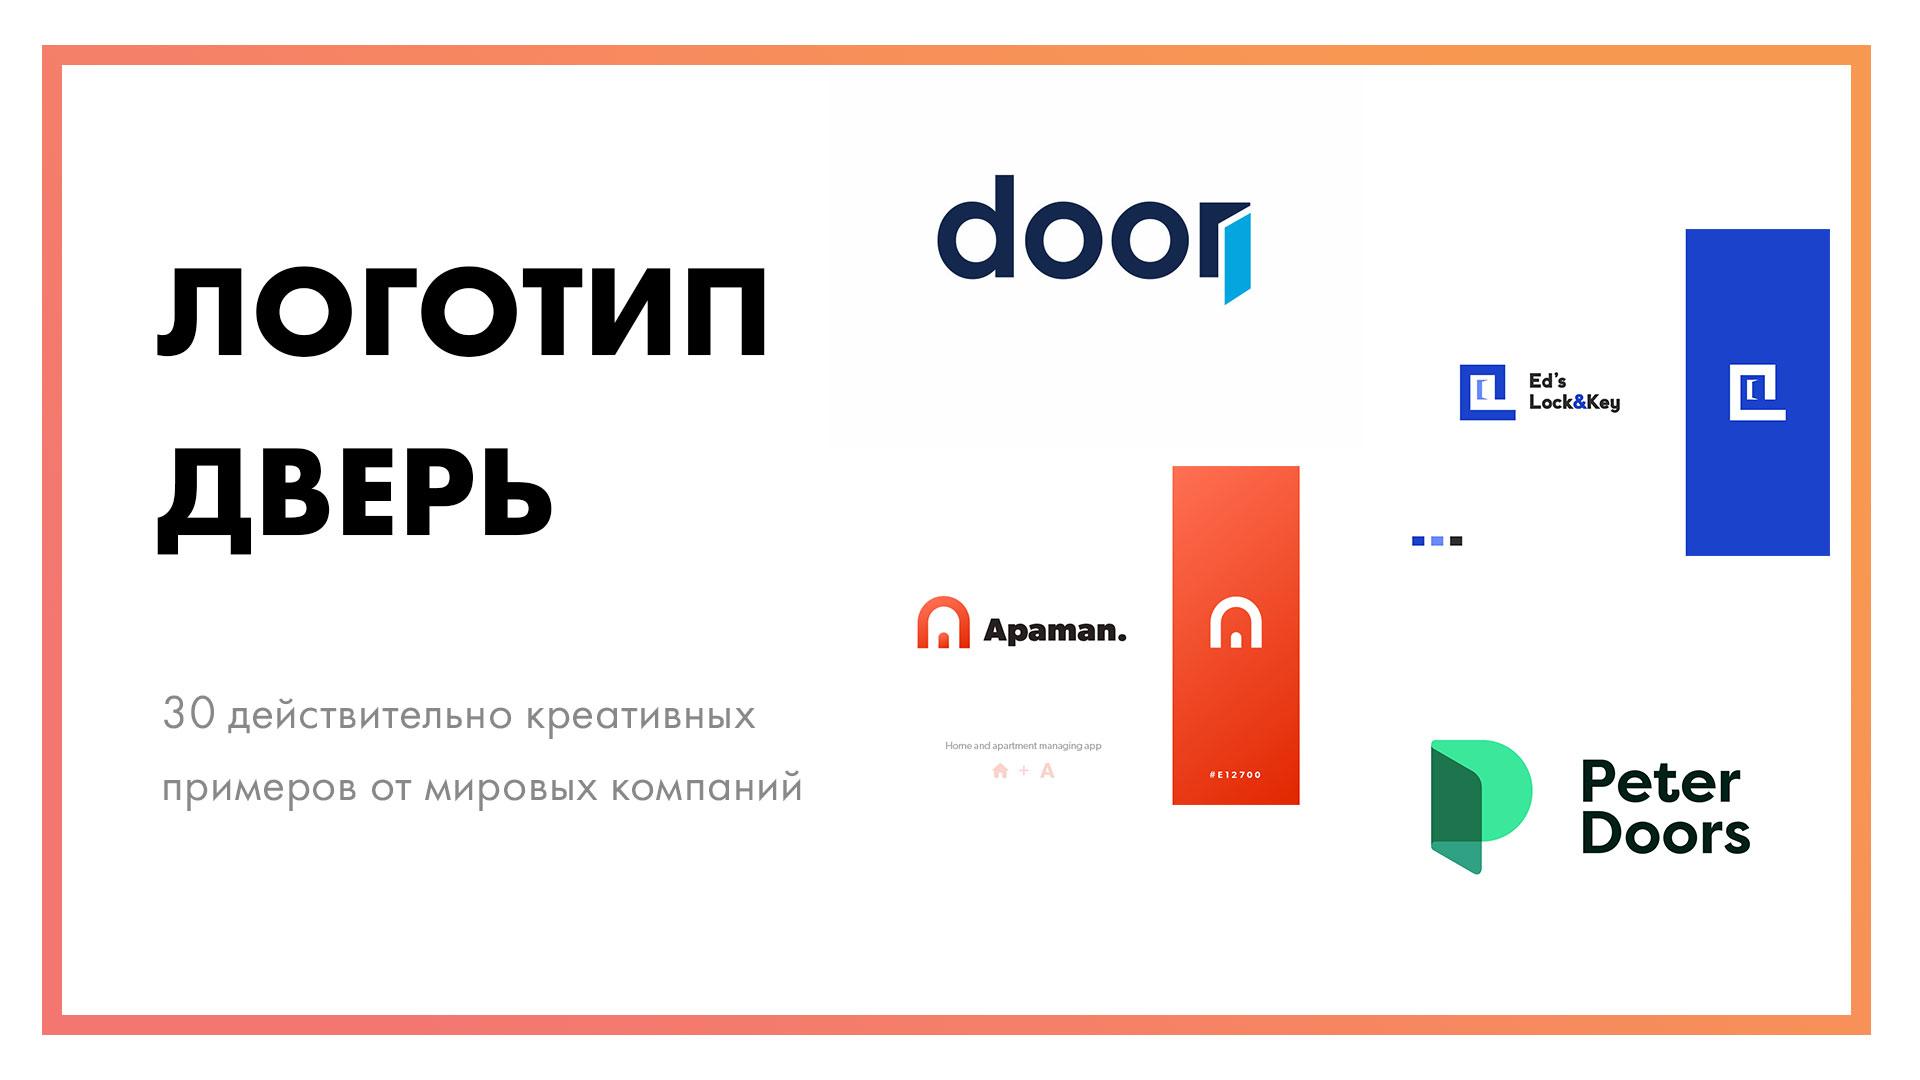 Логотип-дверь---30-действительно-креативных-примеров.jpg